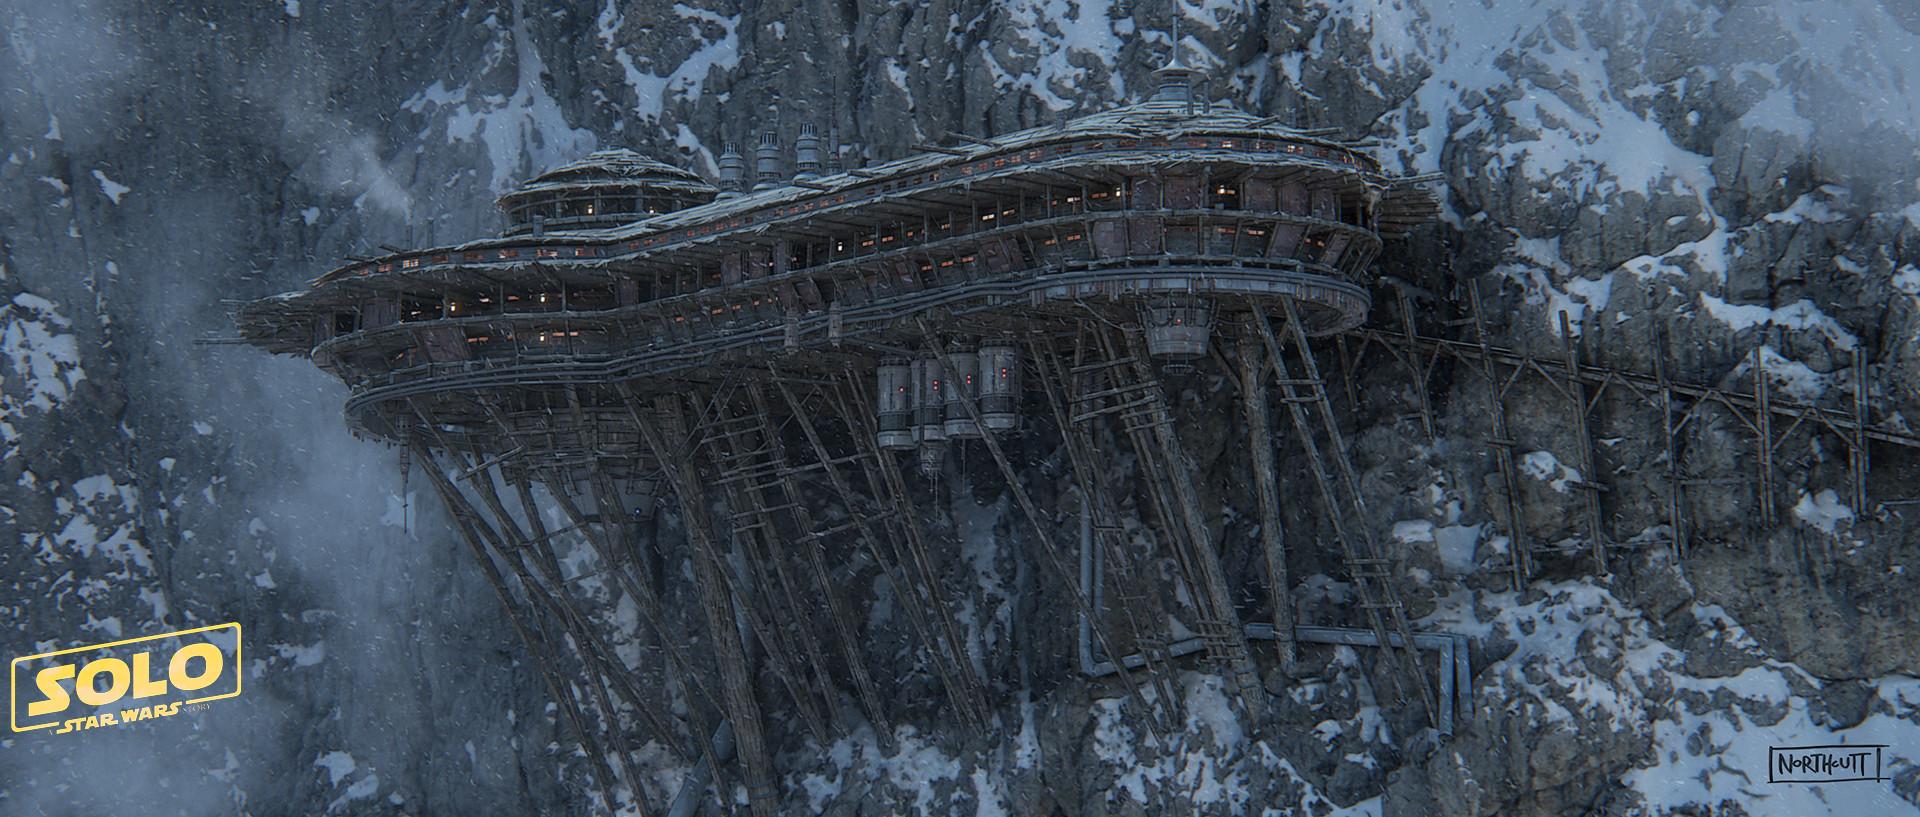 brett-northcutt-vandor-lodge-framed.jpg?